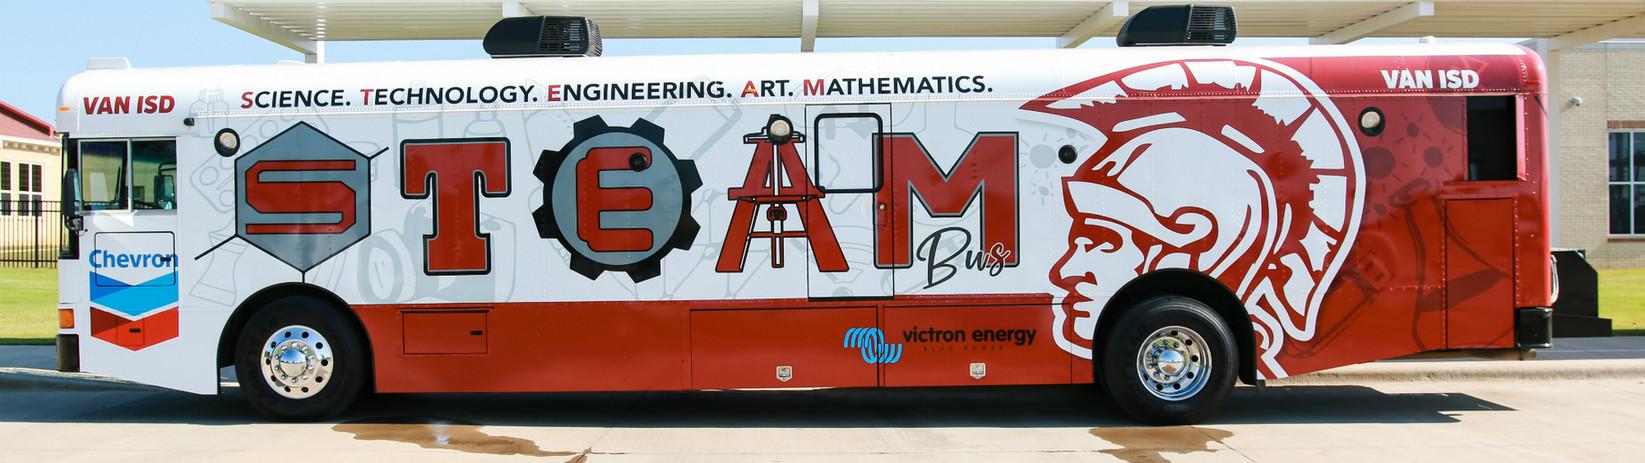 Van ISD STEAM Bus  Drivers side.jpg